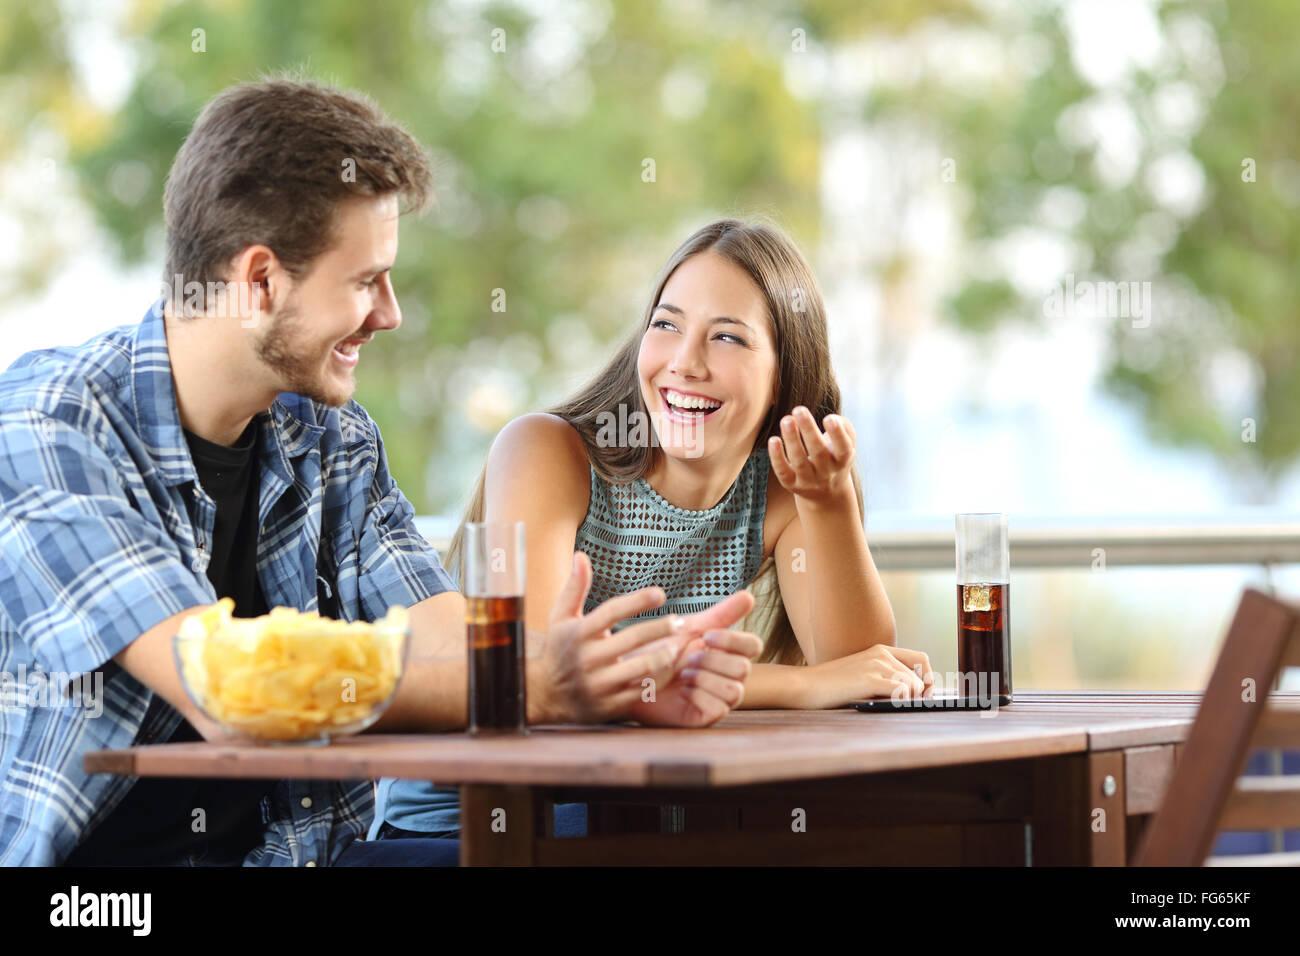 Mädchen im Gespräch mit einem Freund in eine Terrasse mit Snacks und Getränken Stockbild